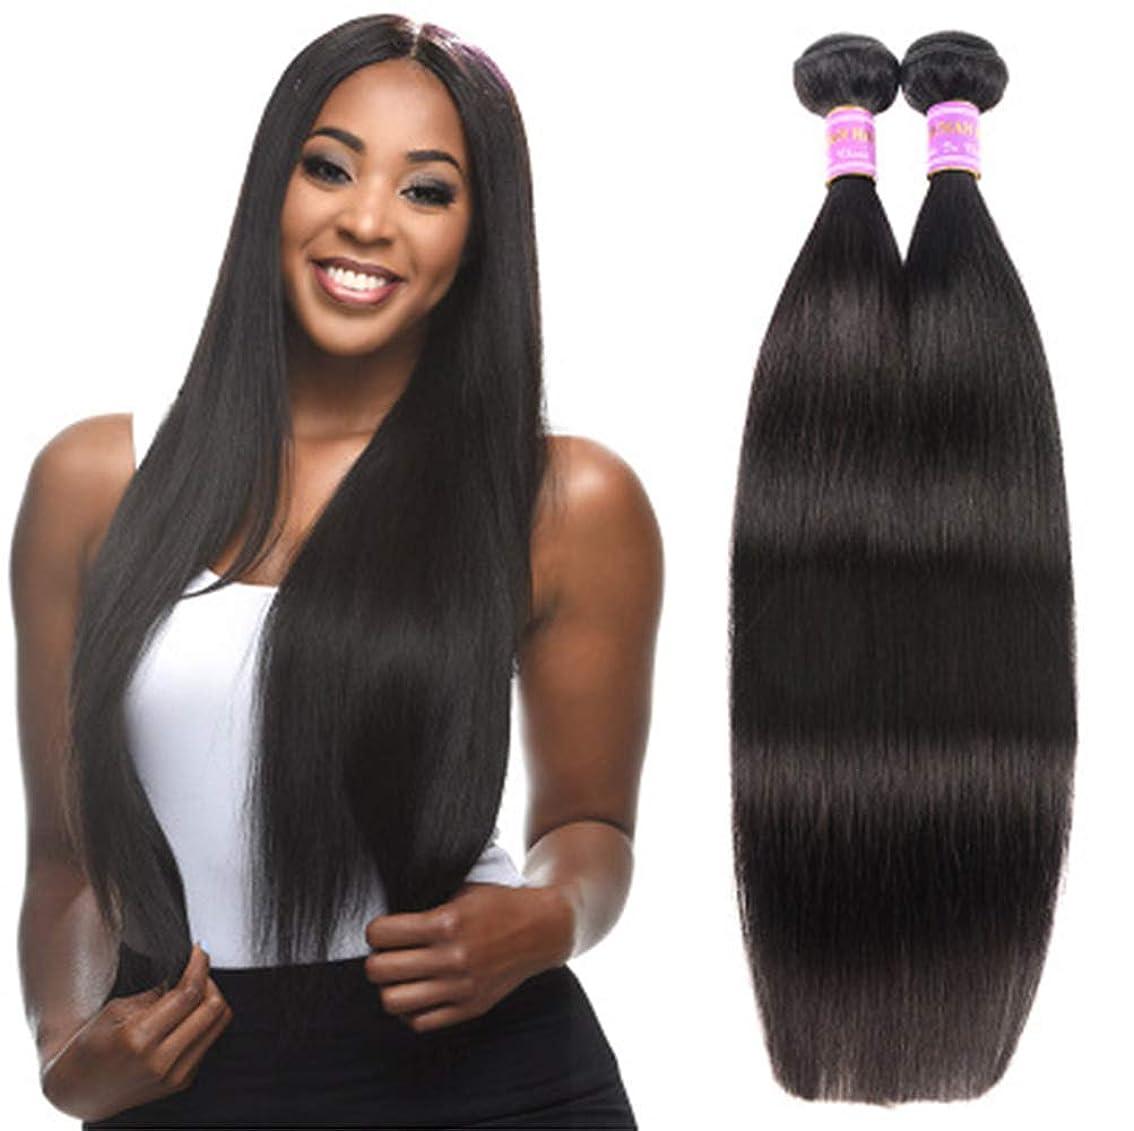 任命そんなに解明髪織り女性150%密度ブラジルストレートヘアバンドル安いブラジル髪バンドルストレート人間の髪の毛